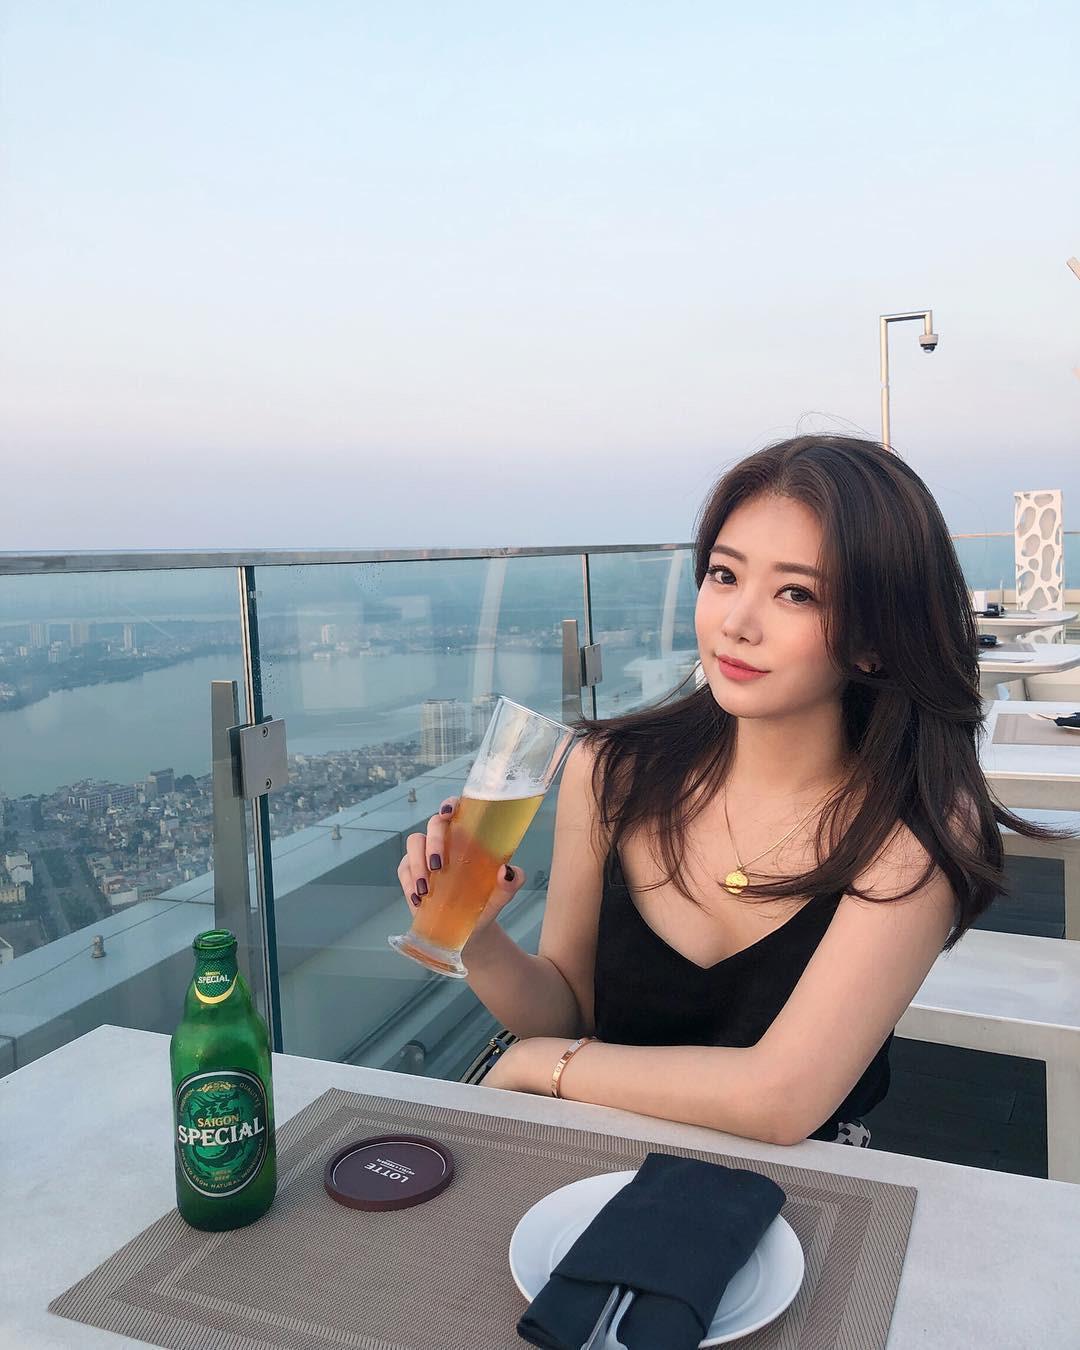 5 quán cà phê sang chảnh cho ngày lạnh ngắm vẻ đẹp Hà Nội Ảnh 11